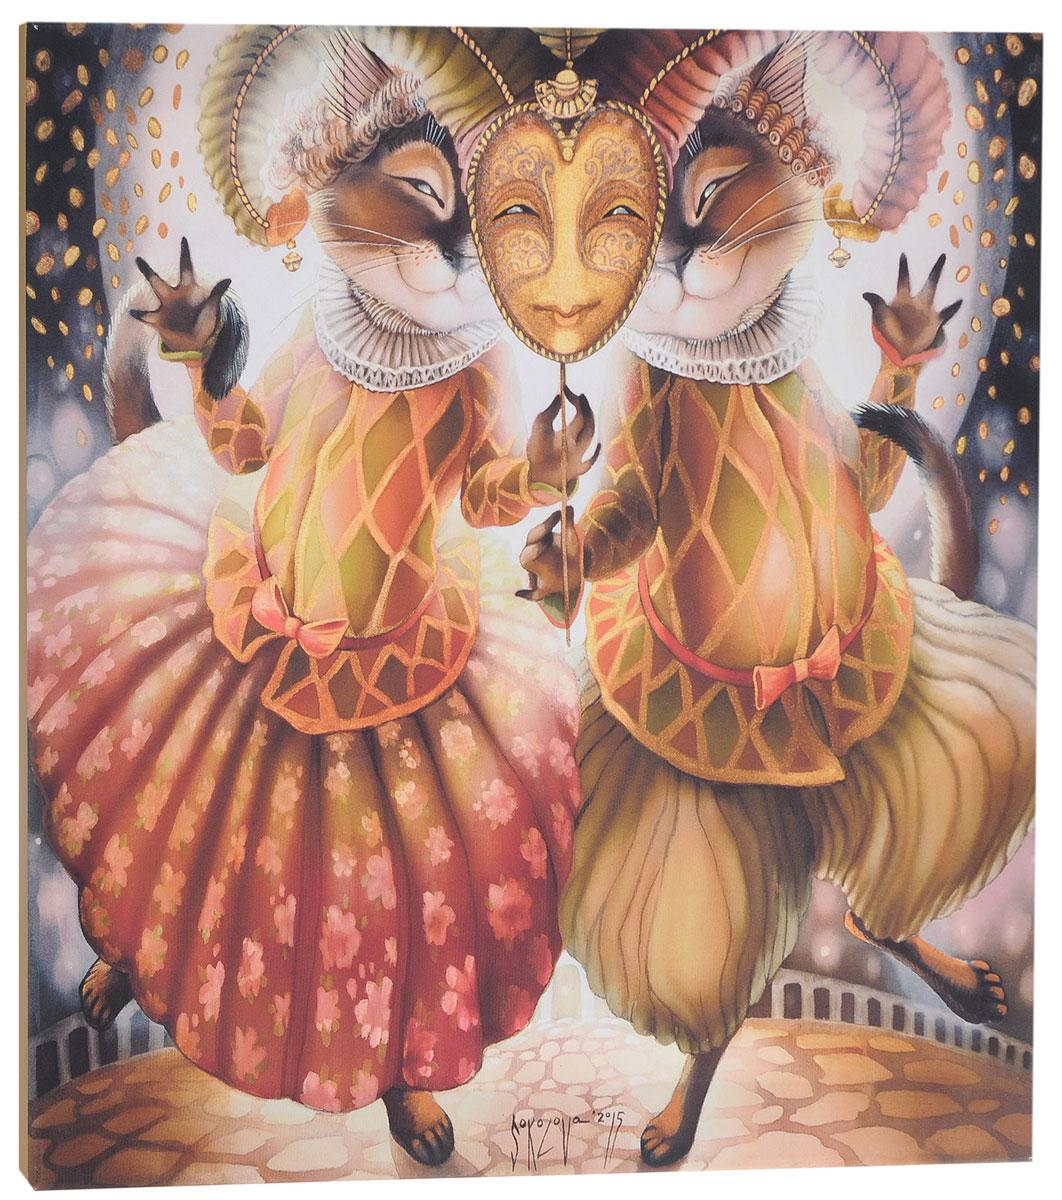 КвикДекор Картина детская БлизнецыRG-D31SКартина КвикДекор Близнецы - это прекрасное украшение для вашей гостиной, детской или спальни. Она привнесет в интерьер яркий акцент и сделает обстановку комфортной и уютной.Автор картины - Надежда Соколова - родилась в 1973 году в городе Дрездене. В 1986-1990 годах училась в Художественной школе города Новгорода. В 1995 году окончила с отличием рекламное отделение Новгородского училища культуры. В 2000 году защитила диплом на факультете Искусств и Технологий НовГУ имени Ярослава Мудрого. Выставляется с 1996 года. Работает в техниках: живопись, графика, батик, лаковая миниатюра, авторская кукла. Является автором оригинального стиля в миниатюре.Изделие представляет собой картину с латексной печатью на натуральном хлопчатобумажном холсте. Галерейная натяжка на деревянный подрамник выполнена очень аккуратно, а боковые части картины запечатаны тоновой заливкой. Обратная сторона подрамника содержит отверстие, благодаря которому картину можно легко закрепить на стене и подкорректировать ее положение.Картина Близнецы - это отличный подарок и красивое интерьерное украшение!